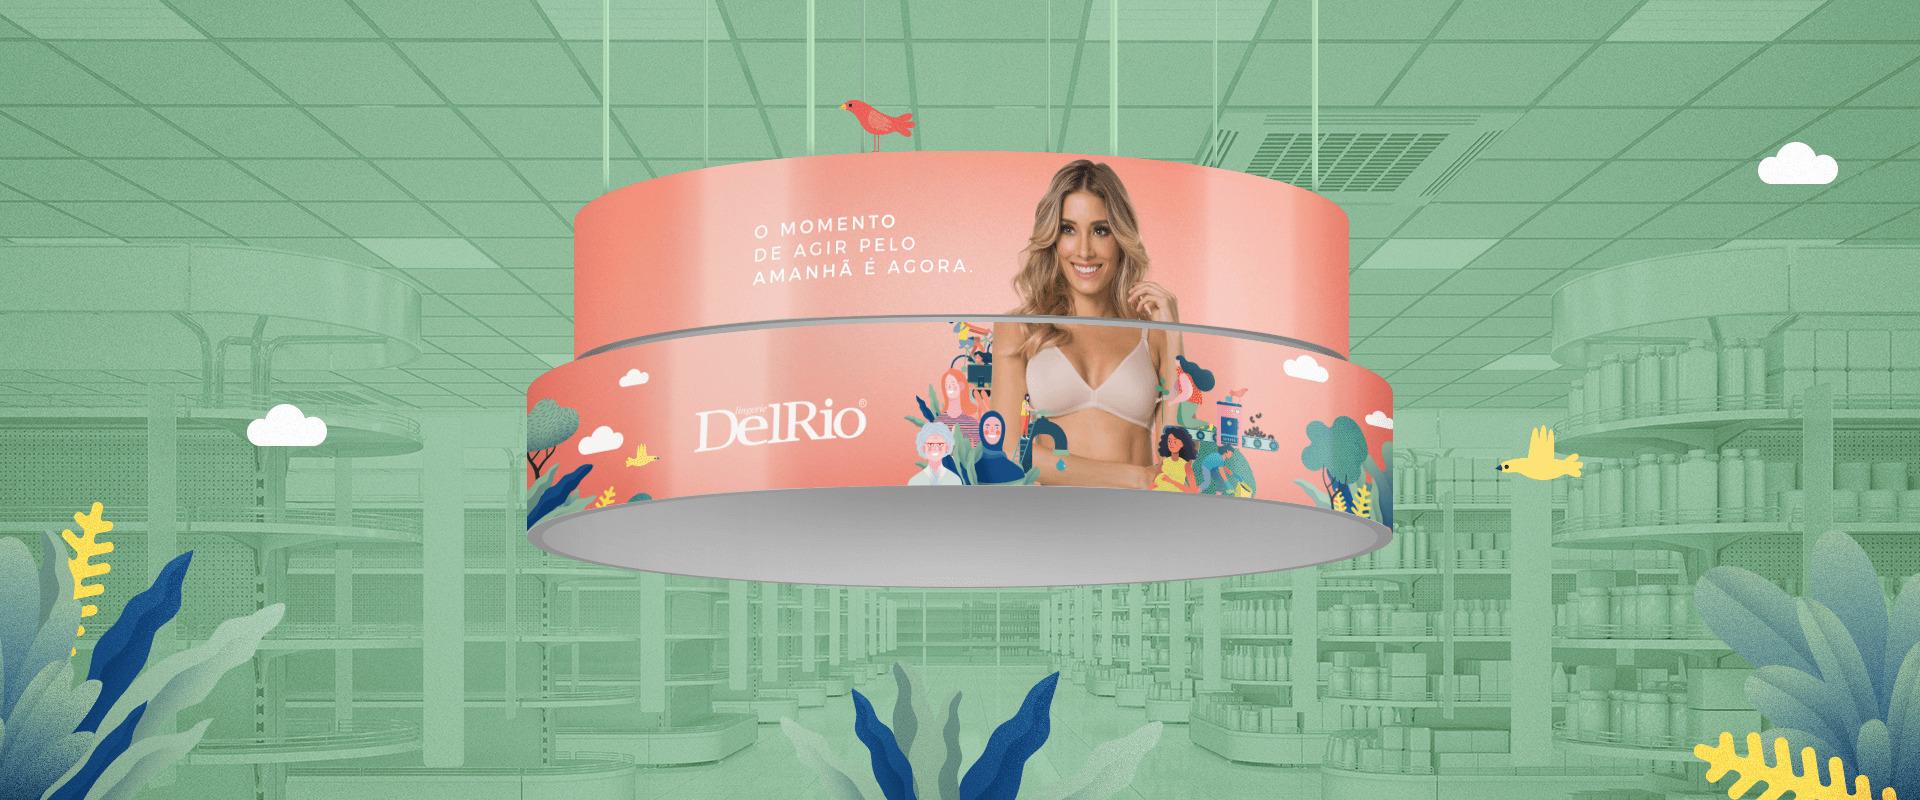 Campanha de Sustentabilidade - DelRio